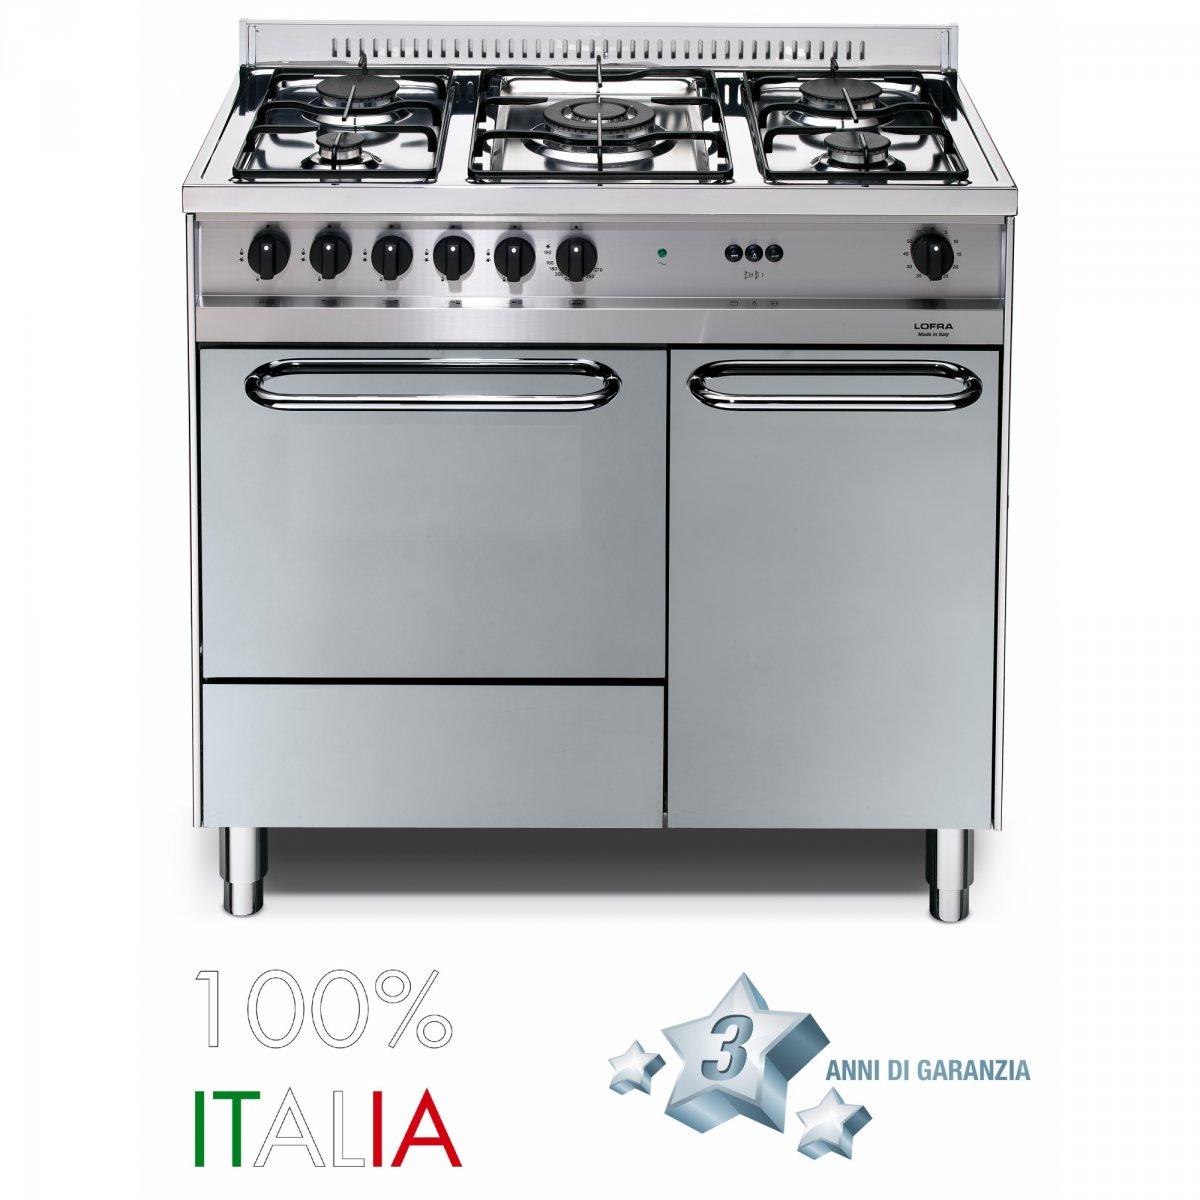 Casa moderna roma italy cucina forno elettrico - Cucine a gas con forno elettrico ...